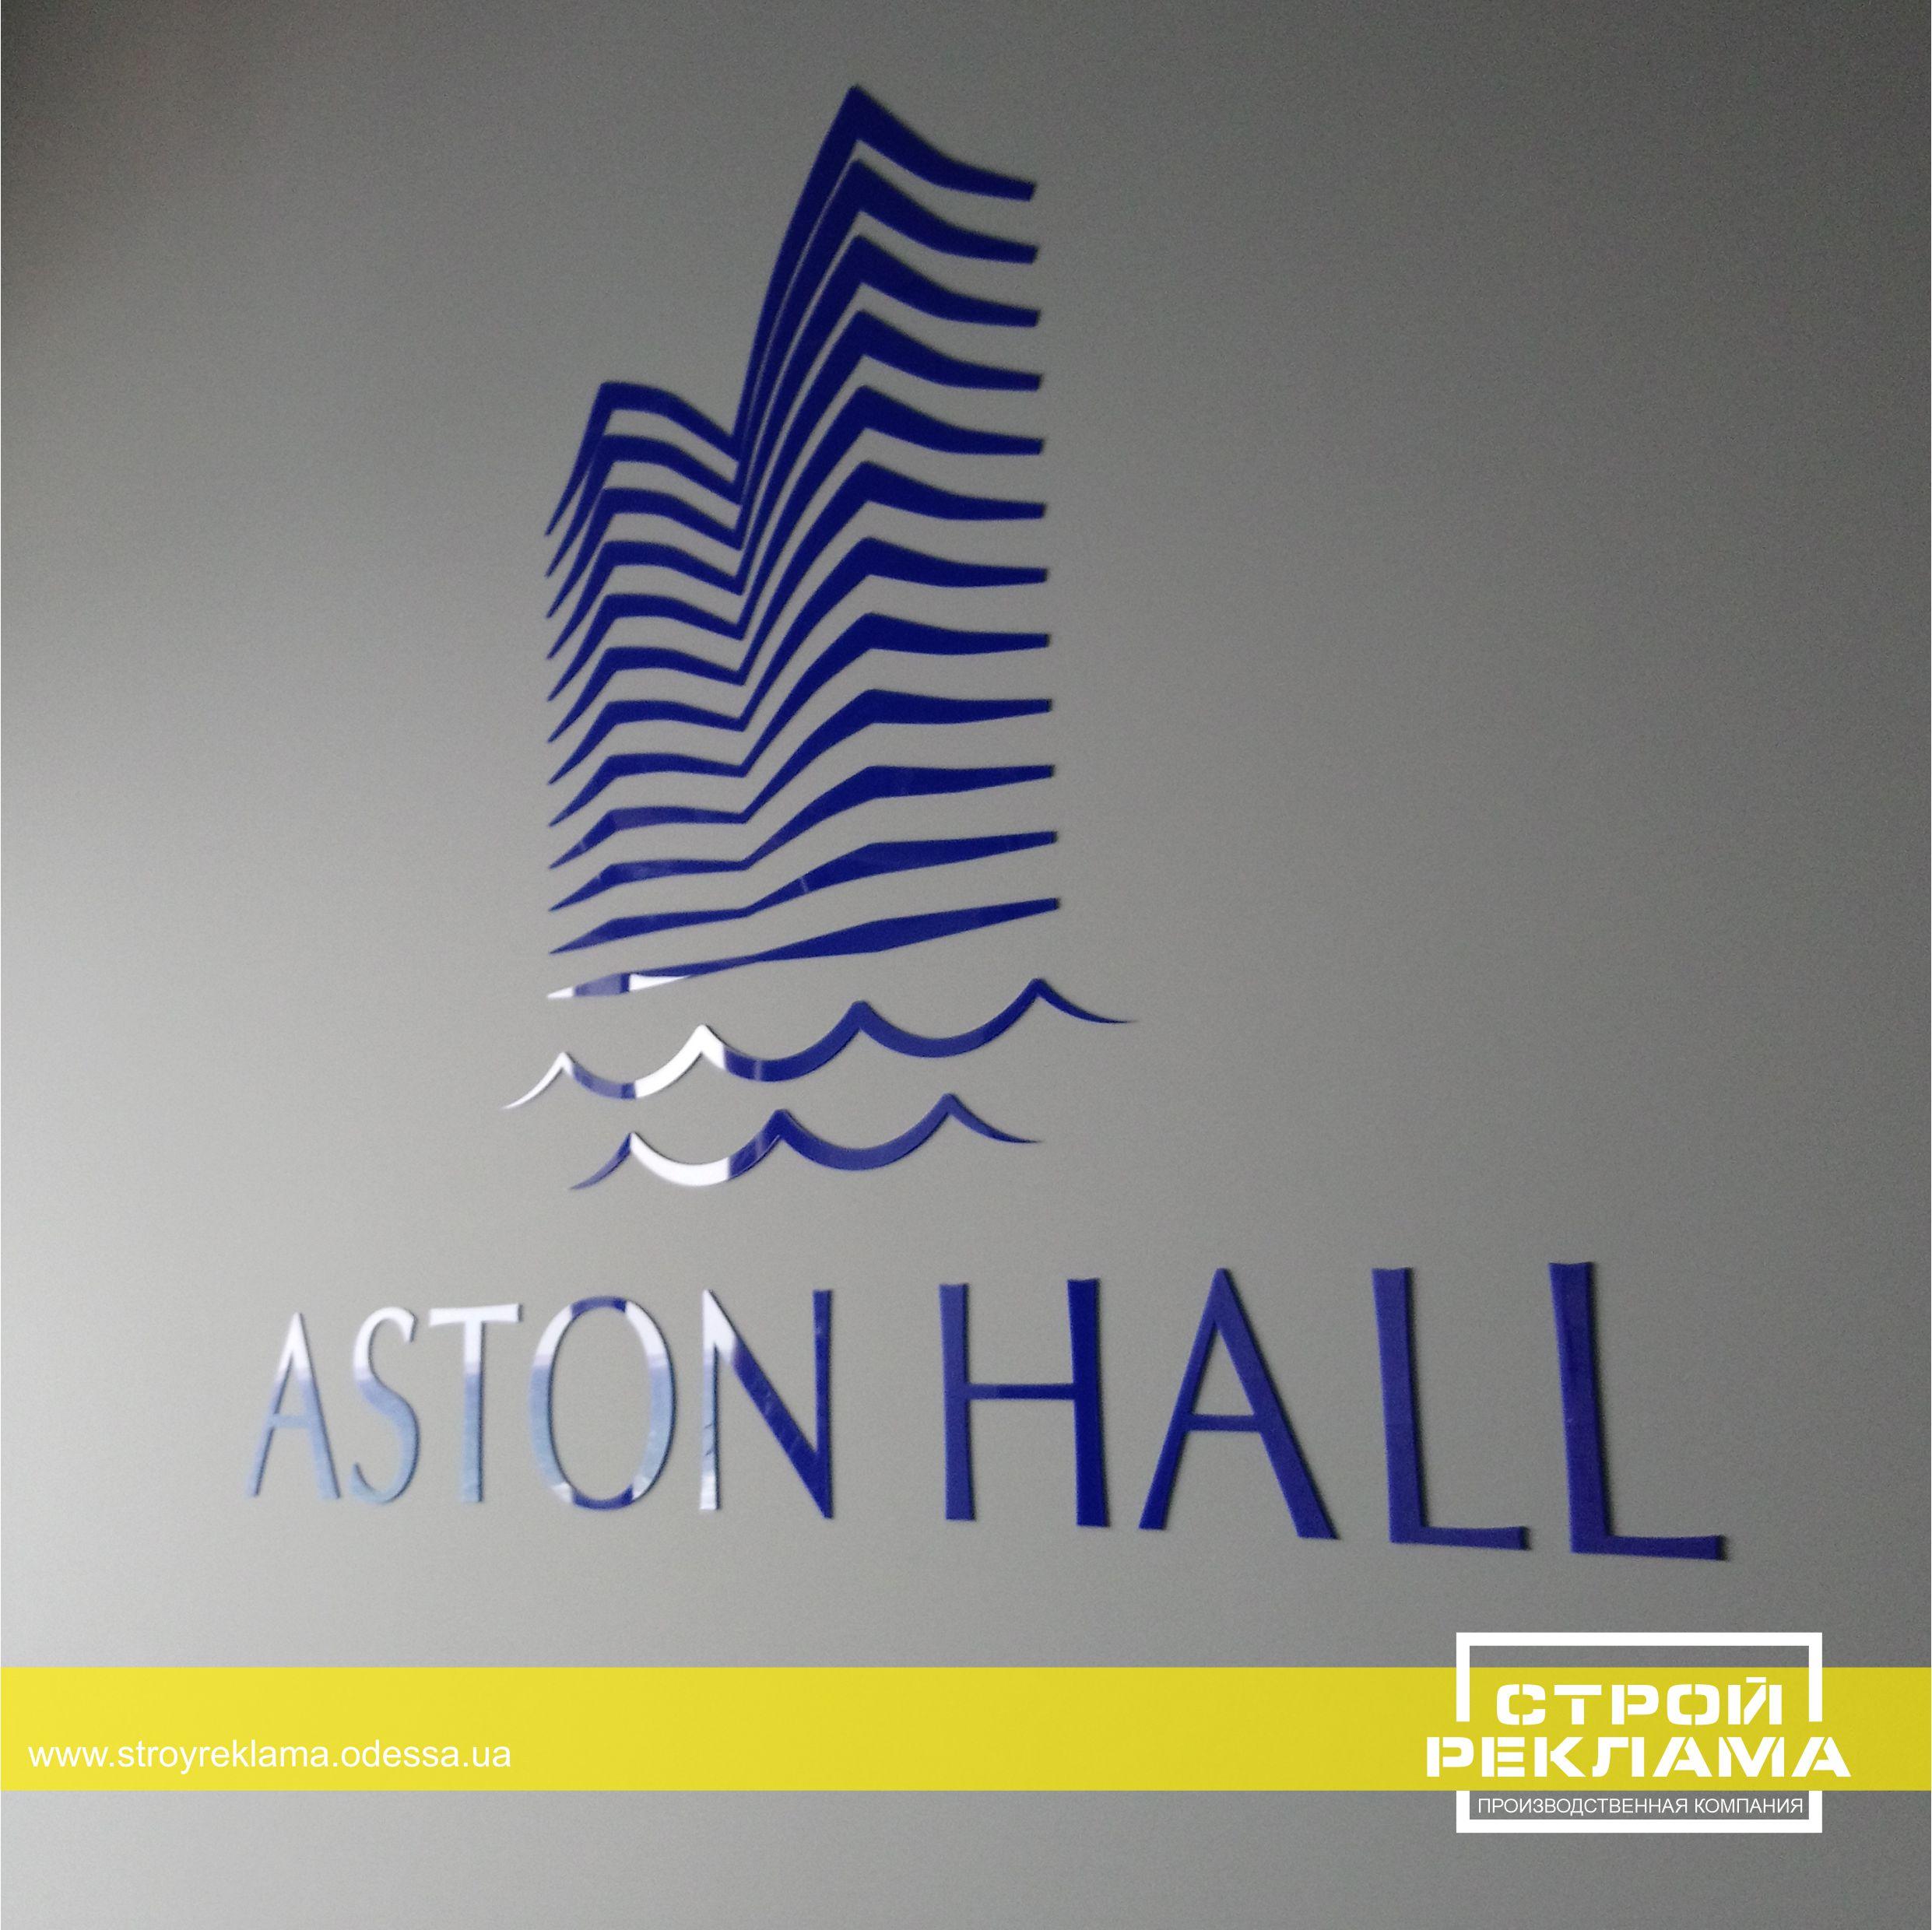 логотип в интерьере